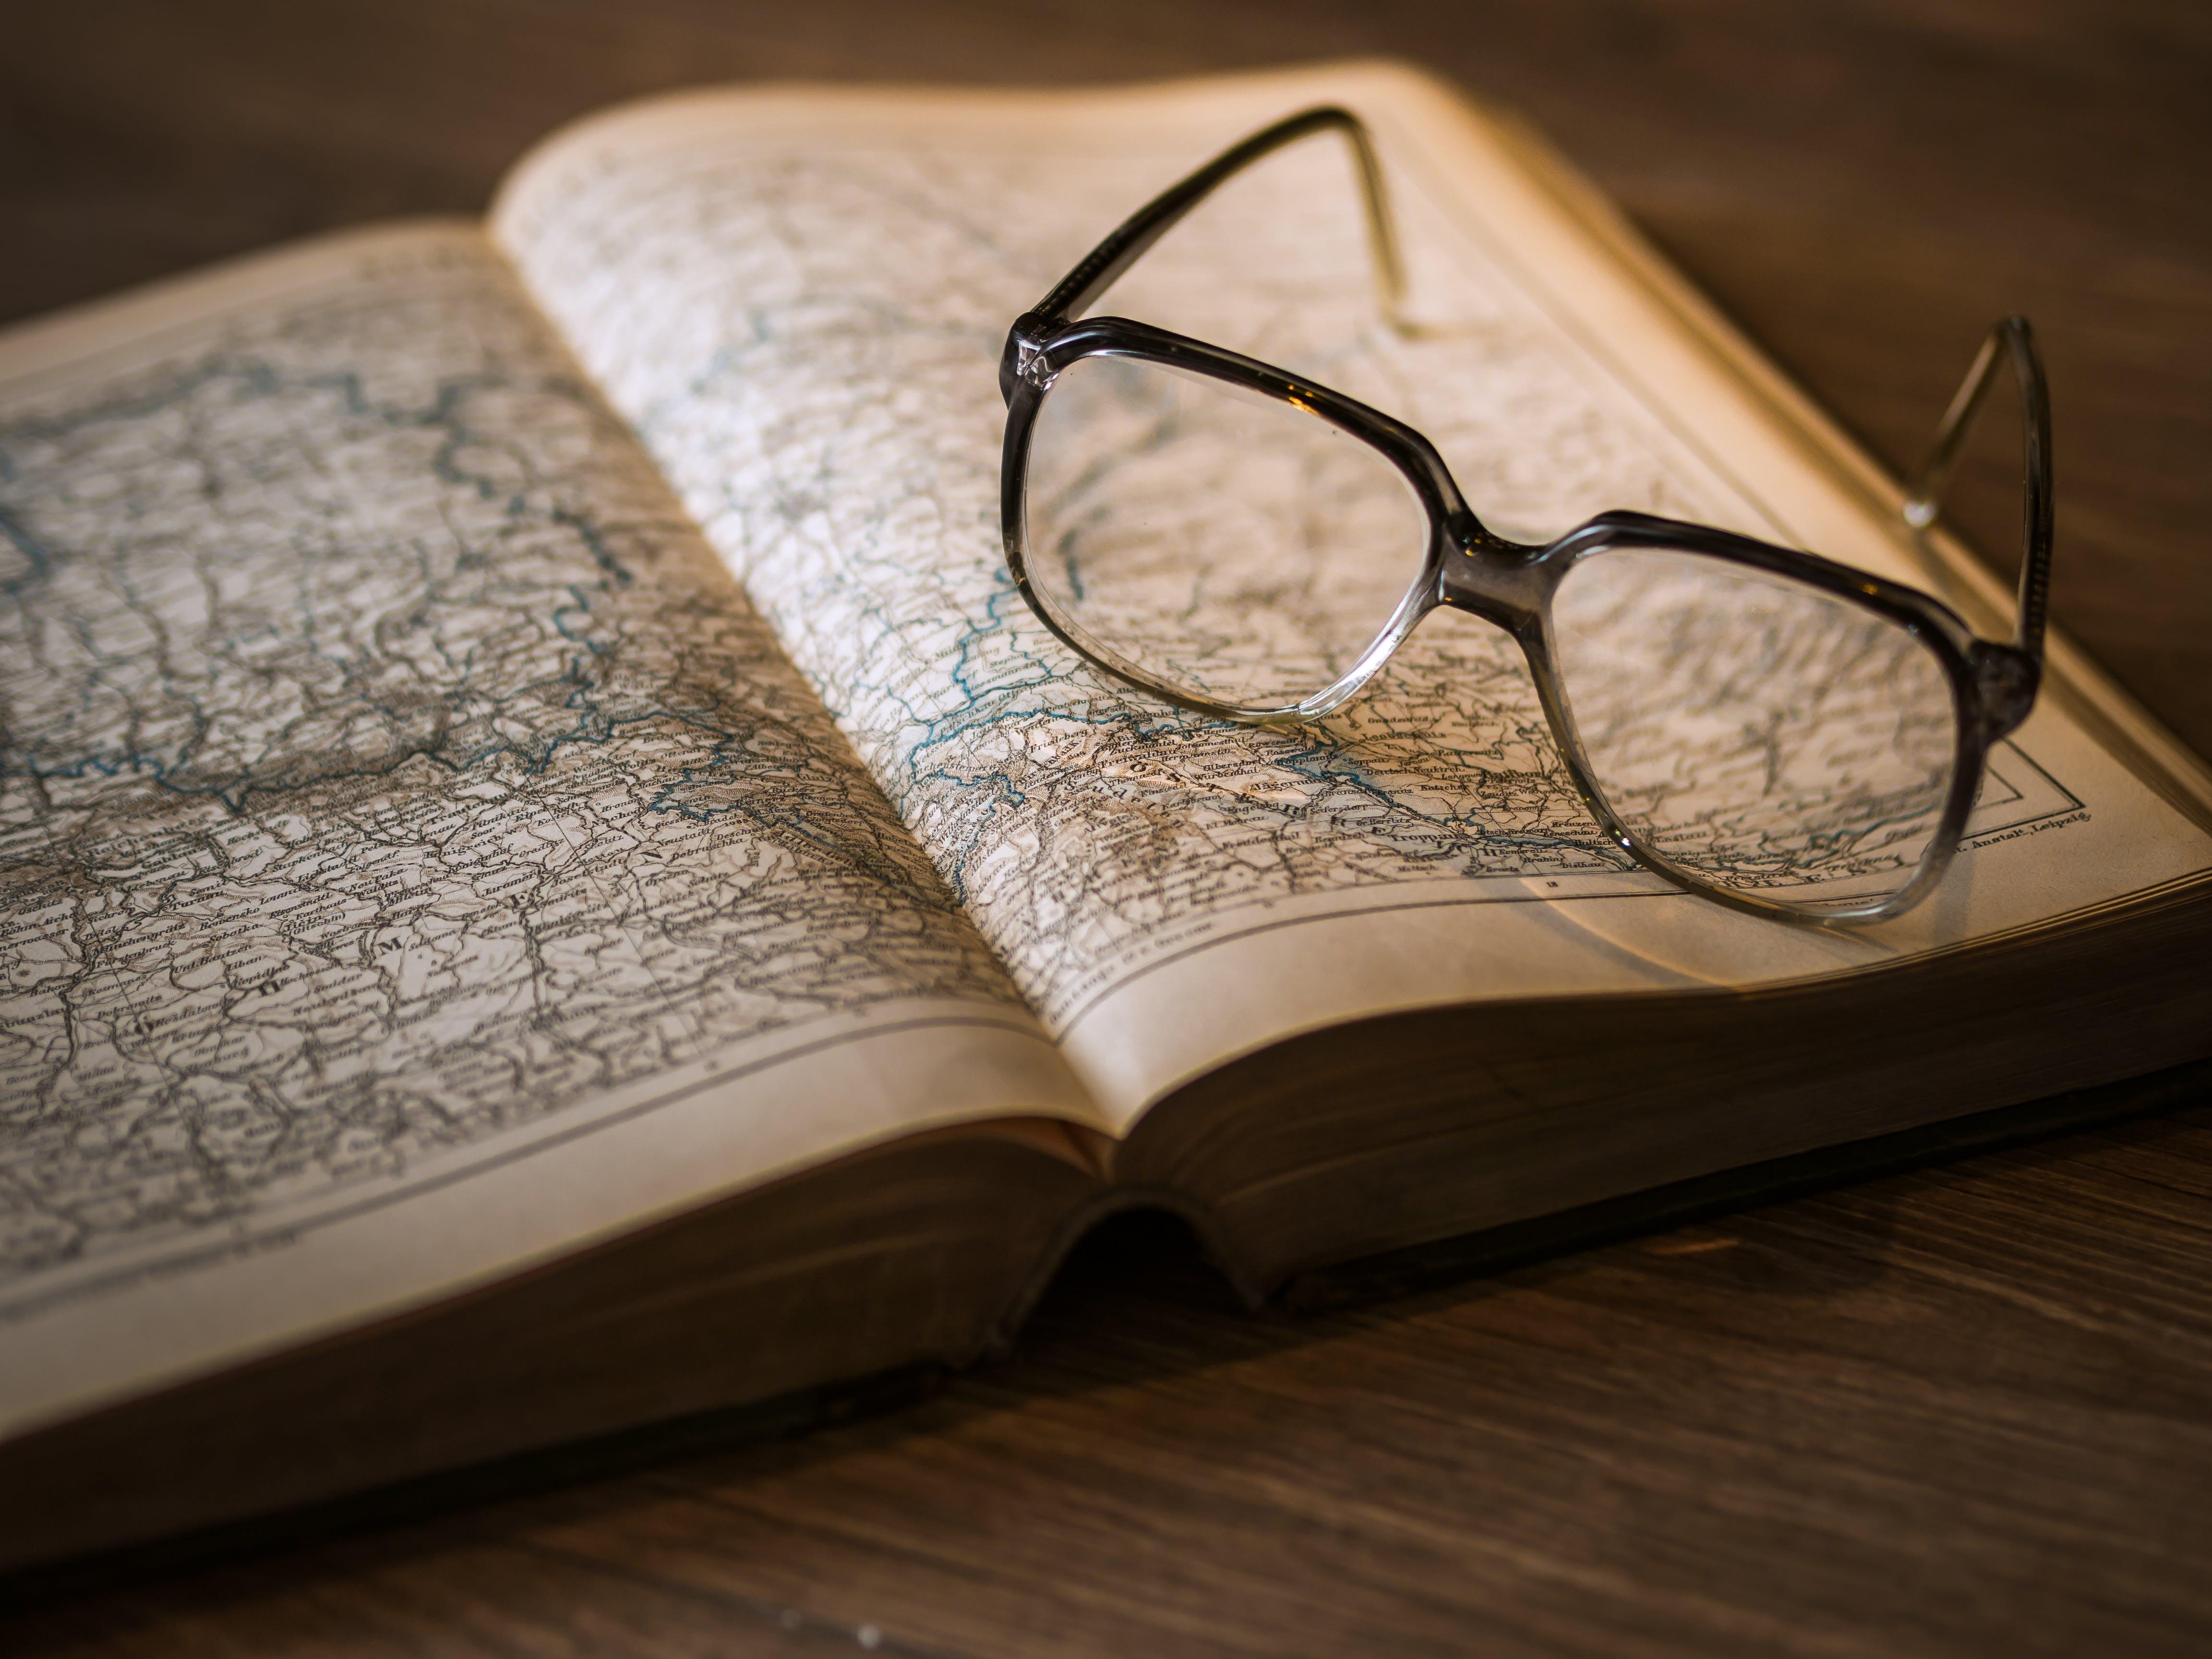 gözlük, harita, sayfa içeren Ücretsiz stok fotoğraf